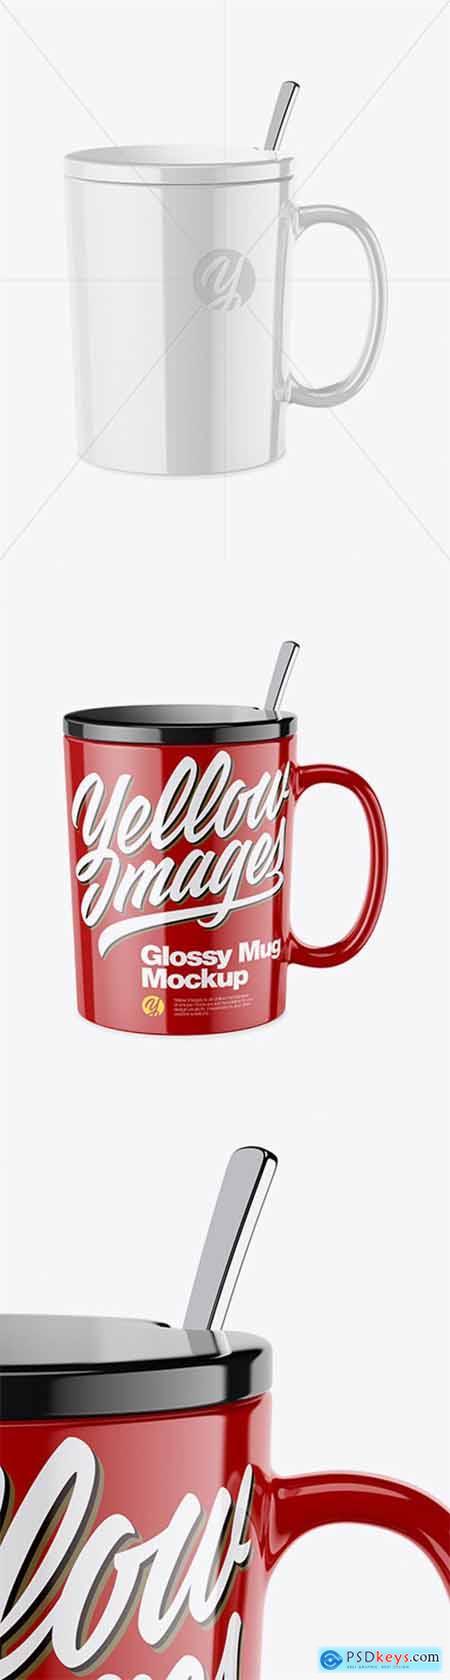 Glossy Mug with Lid Mockup 43245